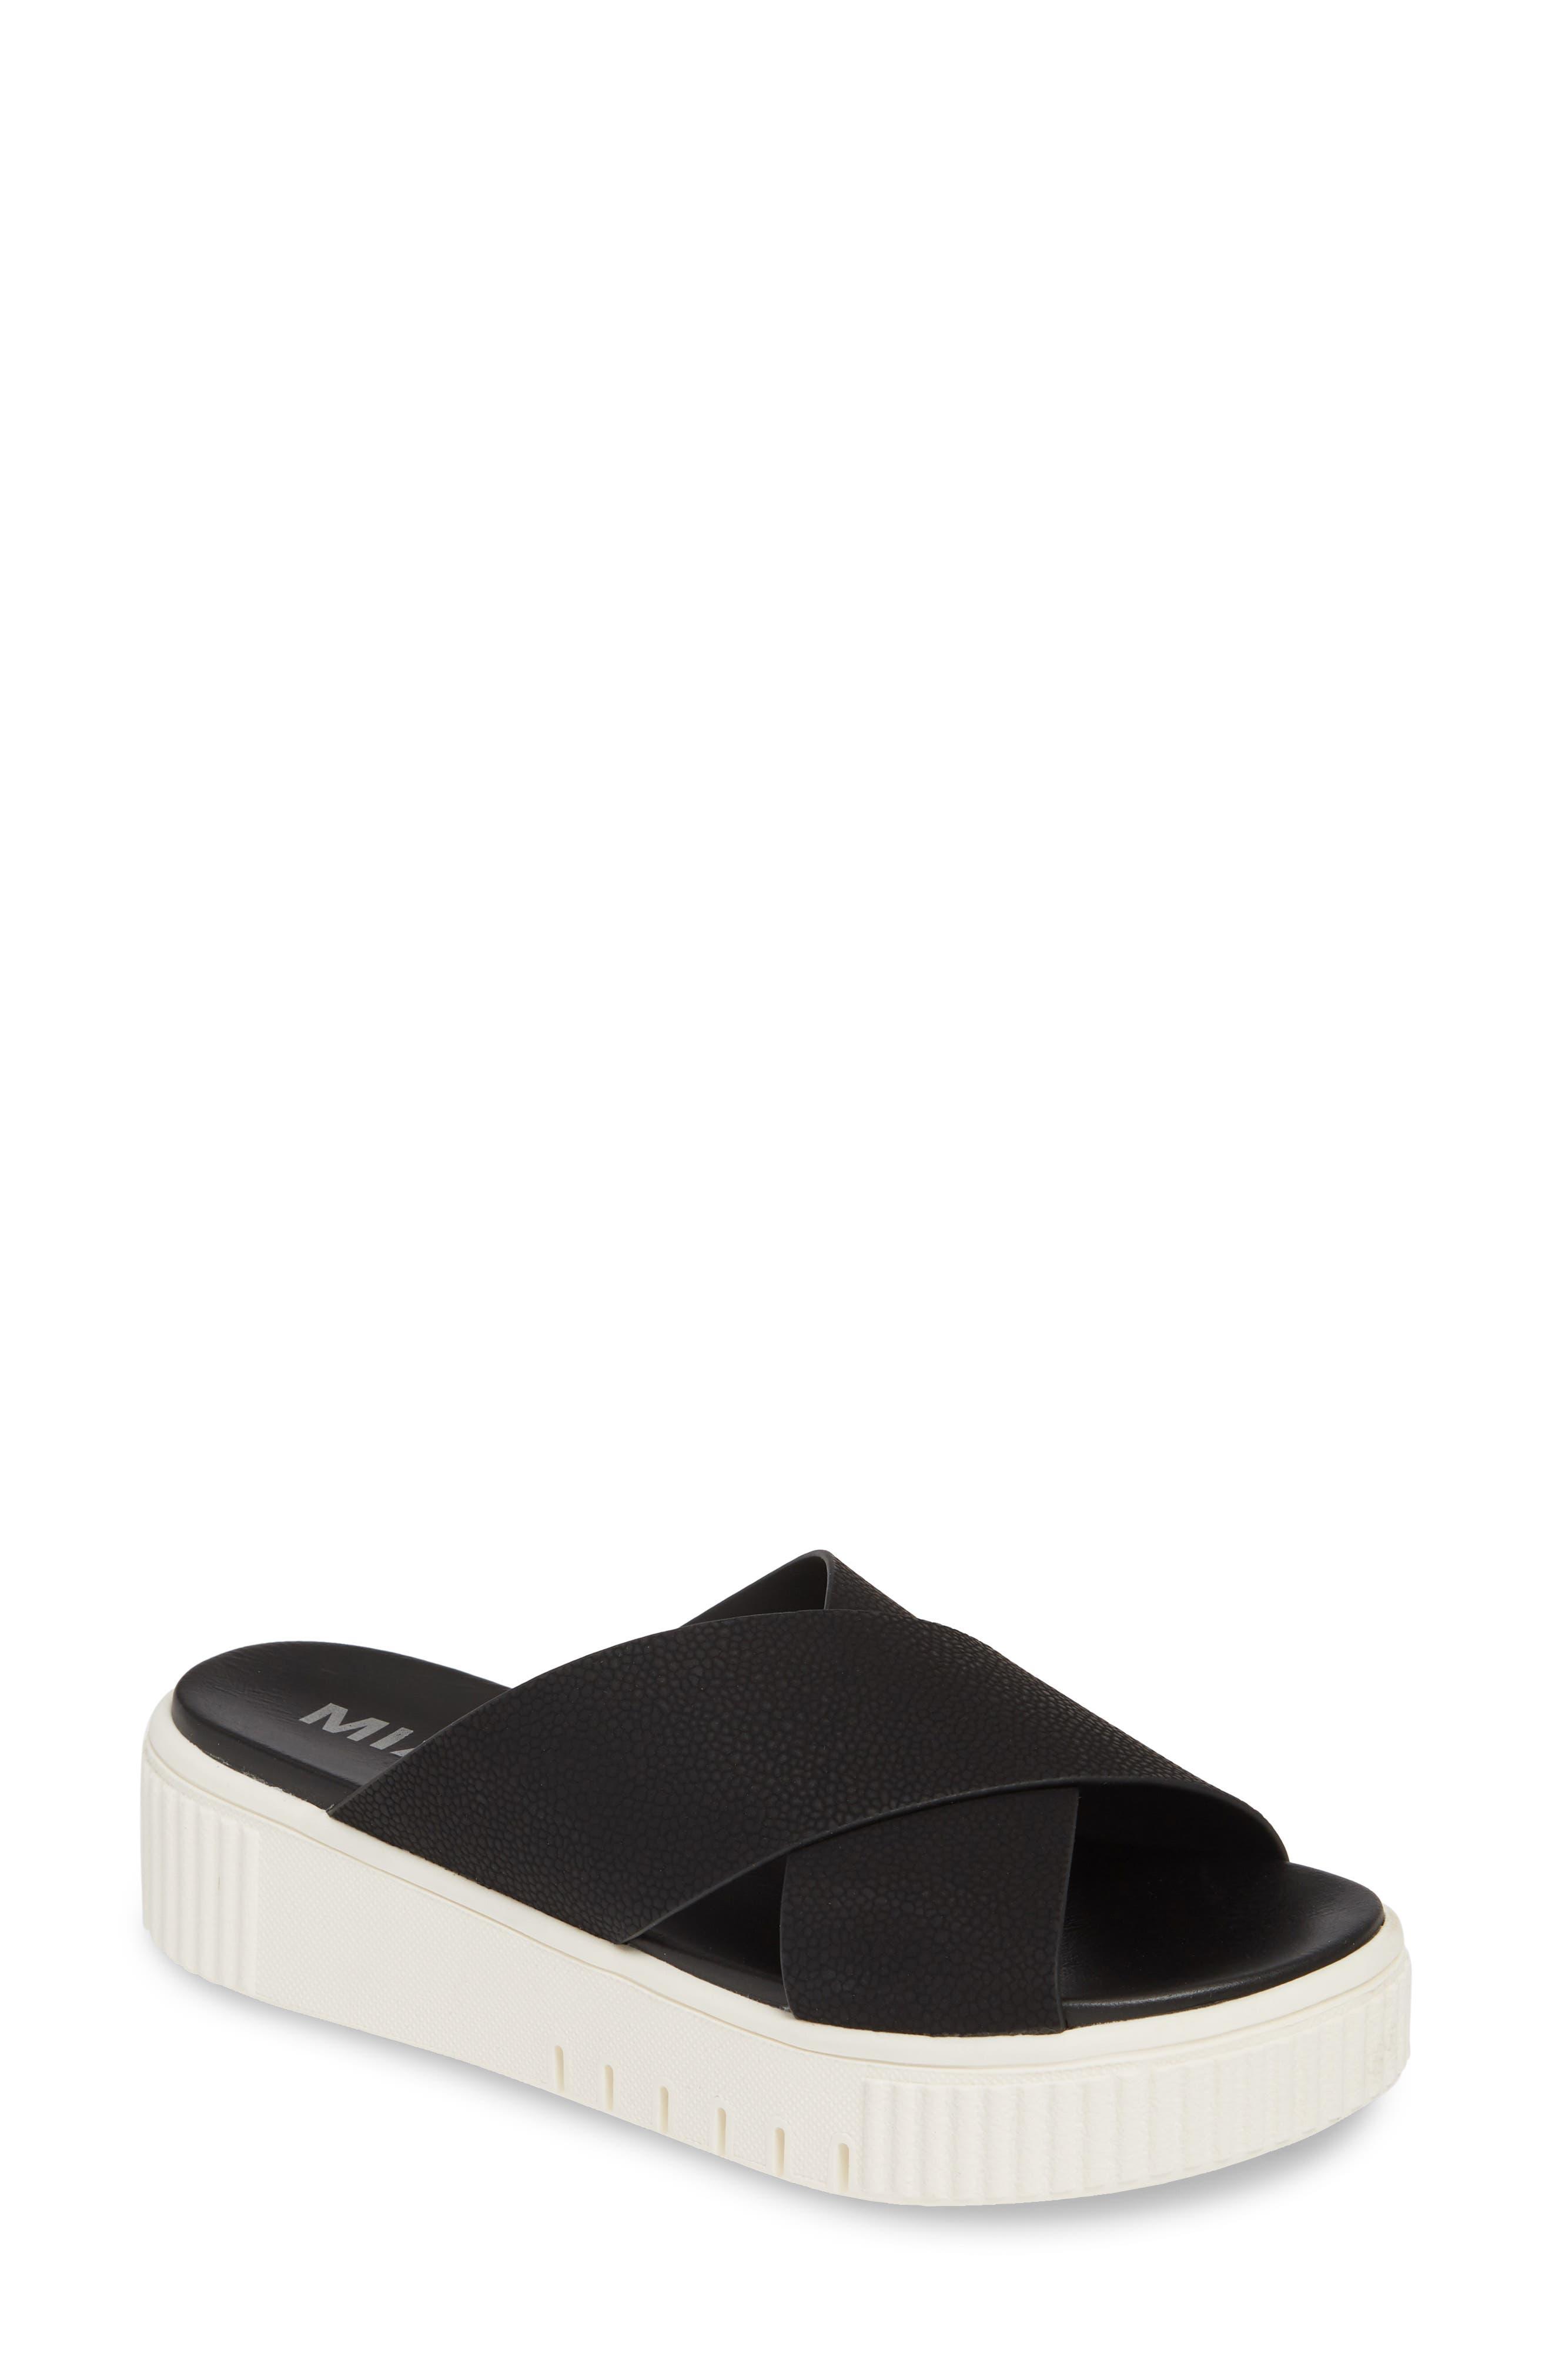 Mia Lia Platform Sandal- Black